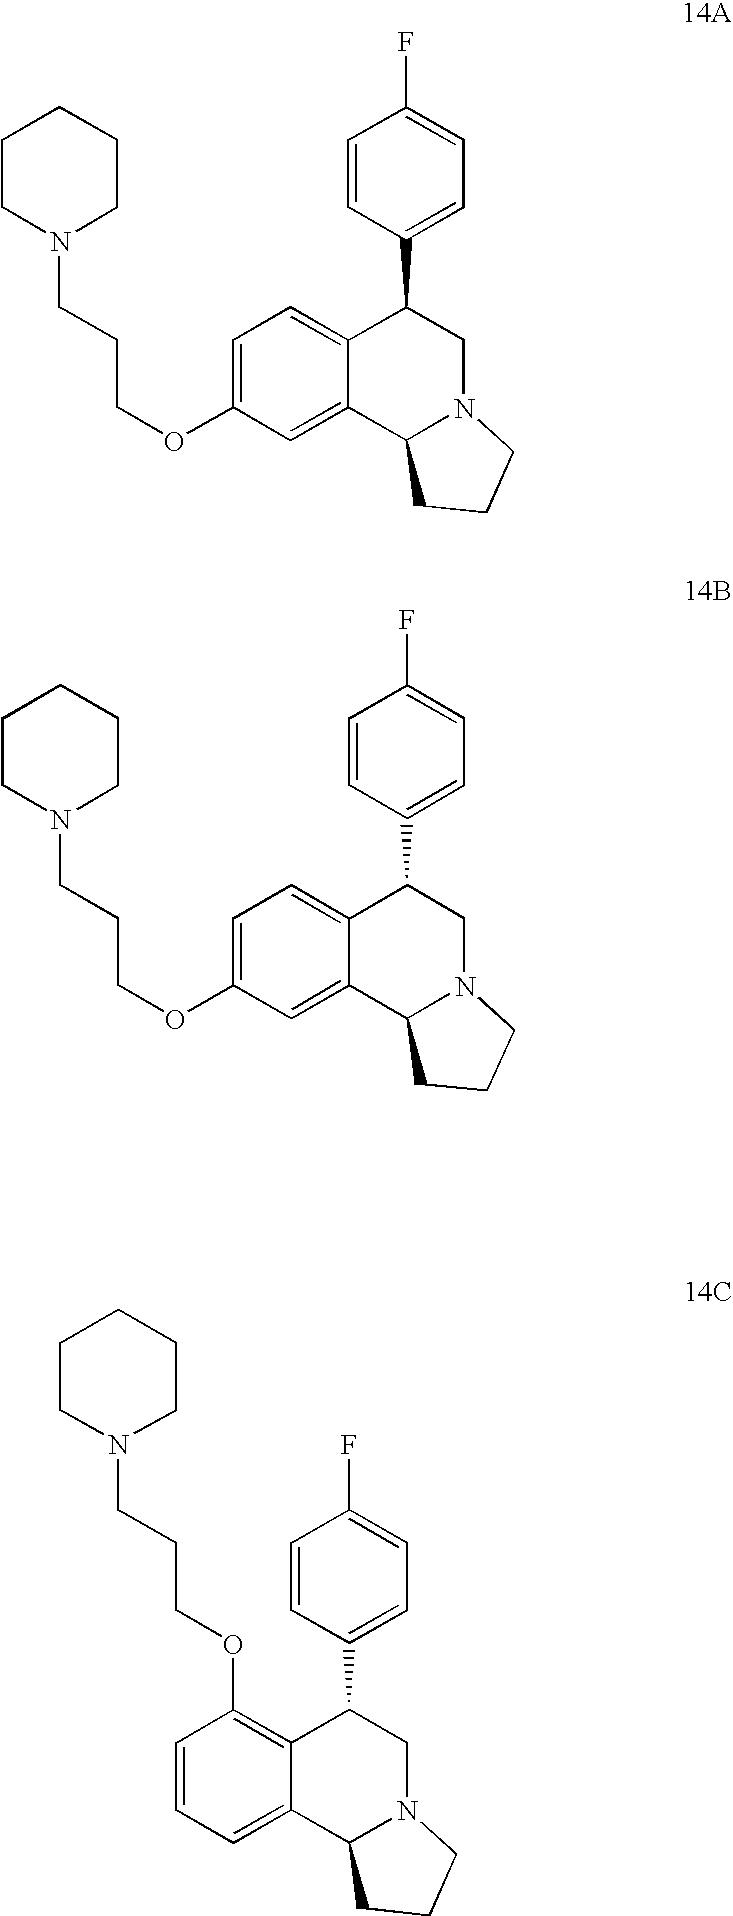 Figure US08273762-20120925-C00019